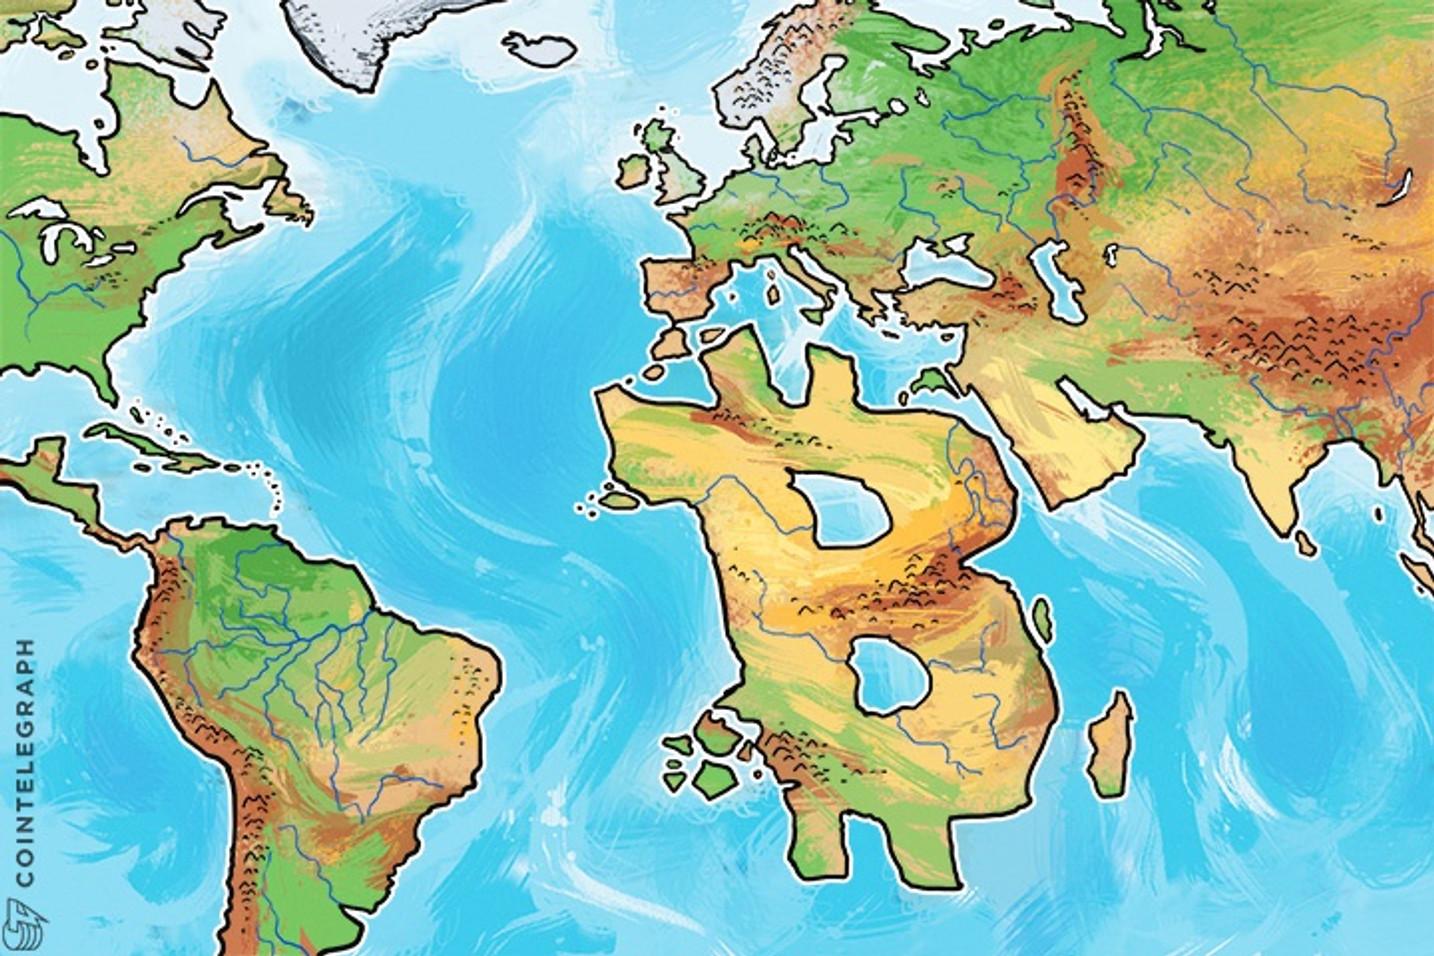 Una revolución africana que nace bajo la sombra de Bitcoin y Blockchain